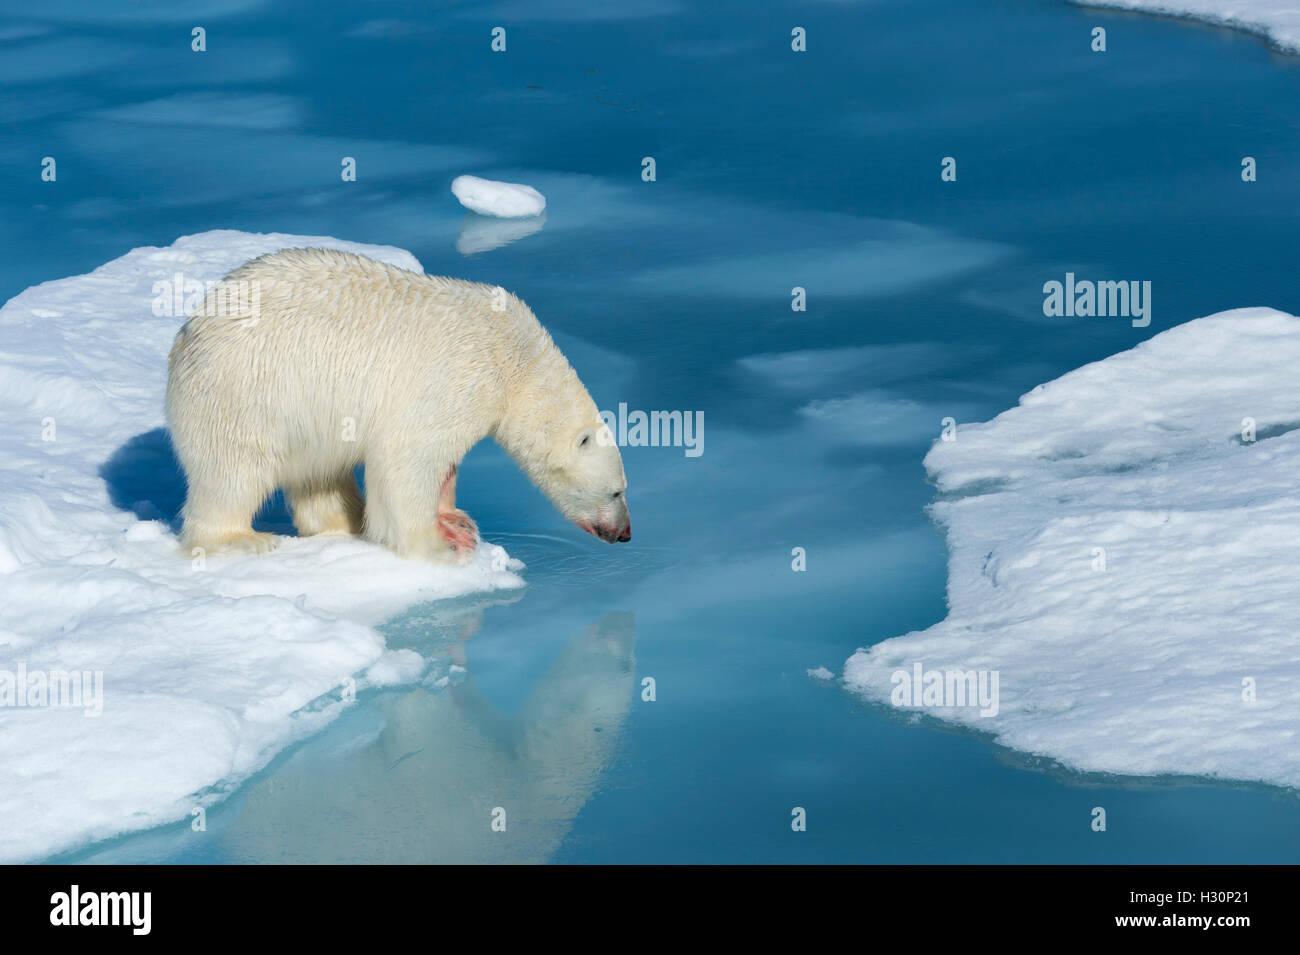 Macho el oso polar (Ursus maritimus) con sangre en la nariz y la pierna sobre hielo y agua azul, la isla de Spitsbergen Imagen De Stock